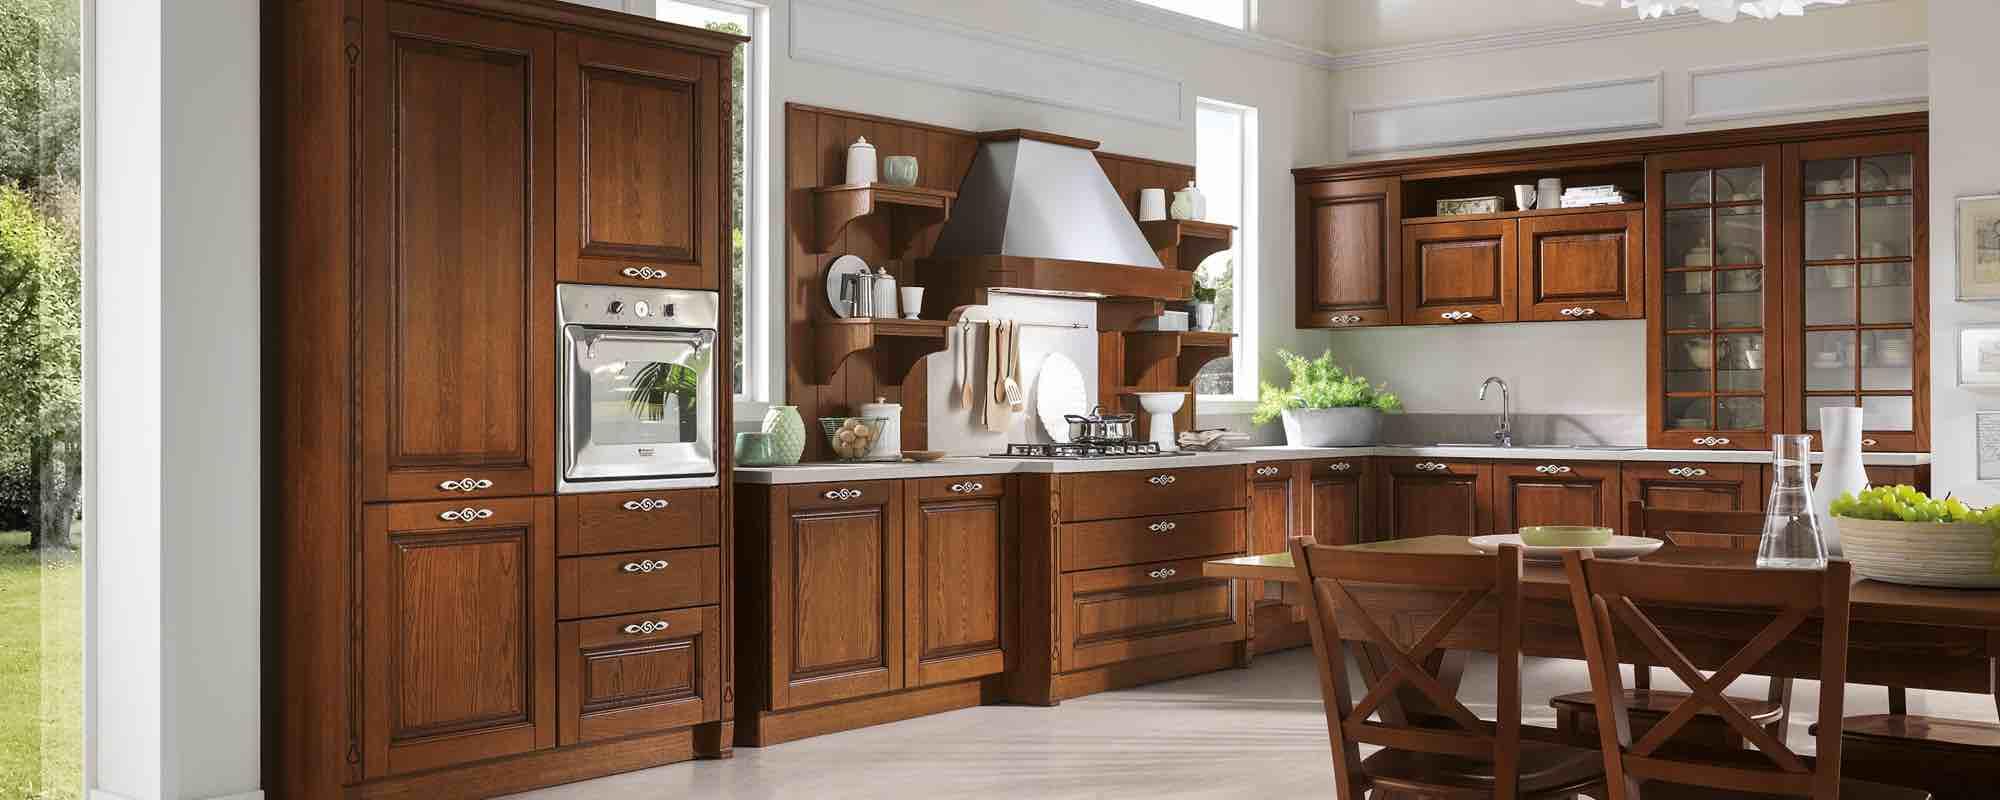 Cucine classiche vibo valentia scarcia arredamenti for Cucine classiche